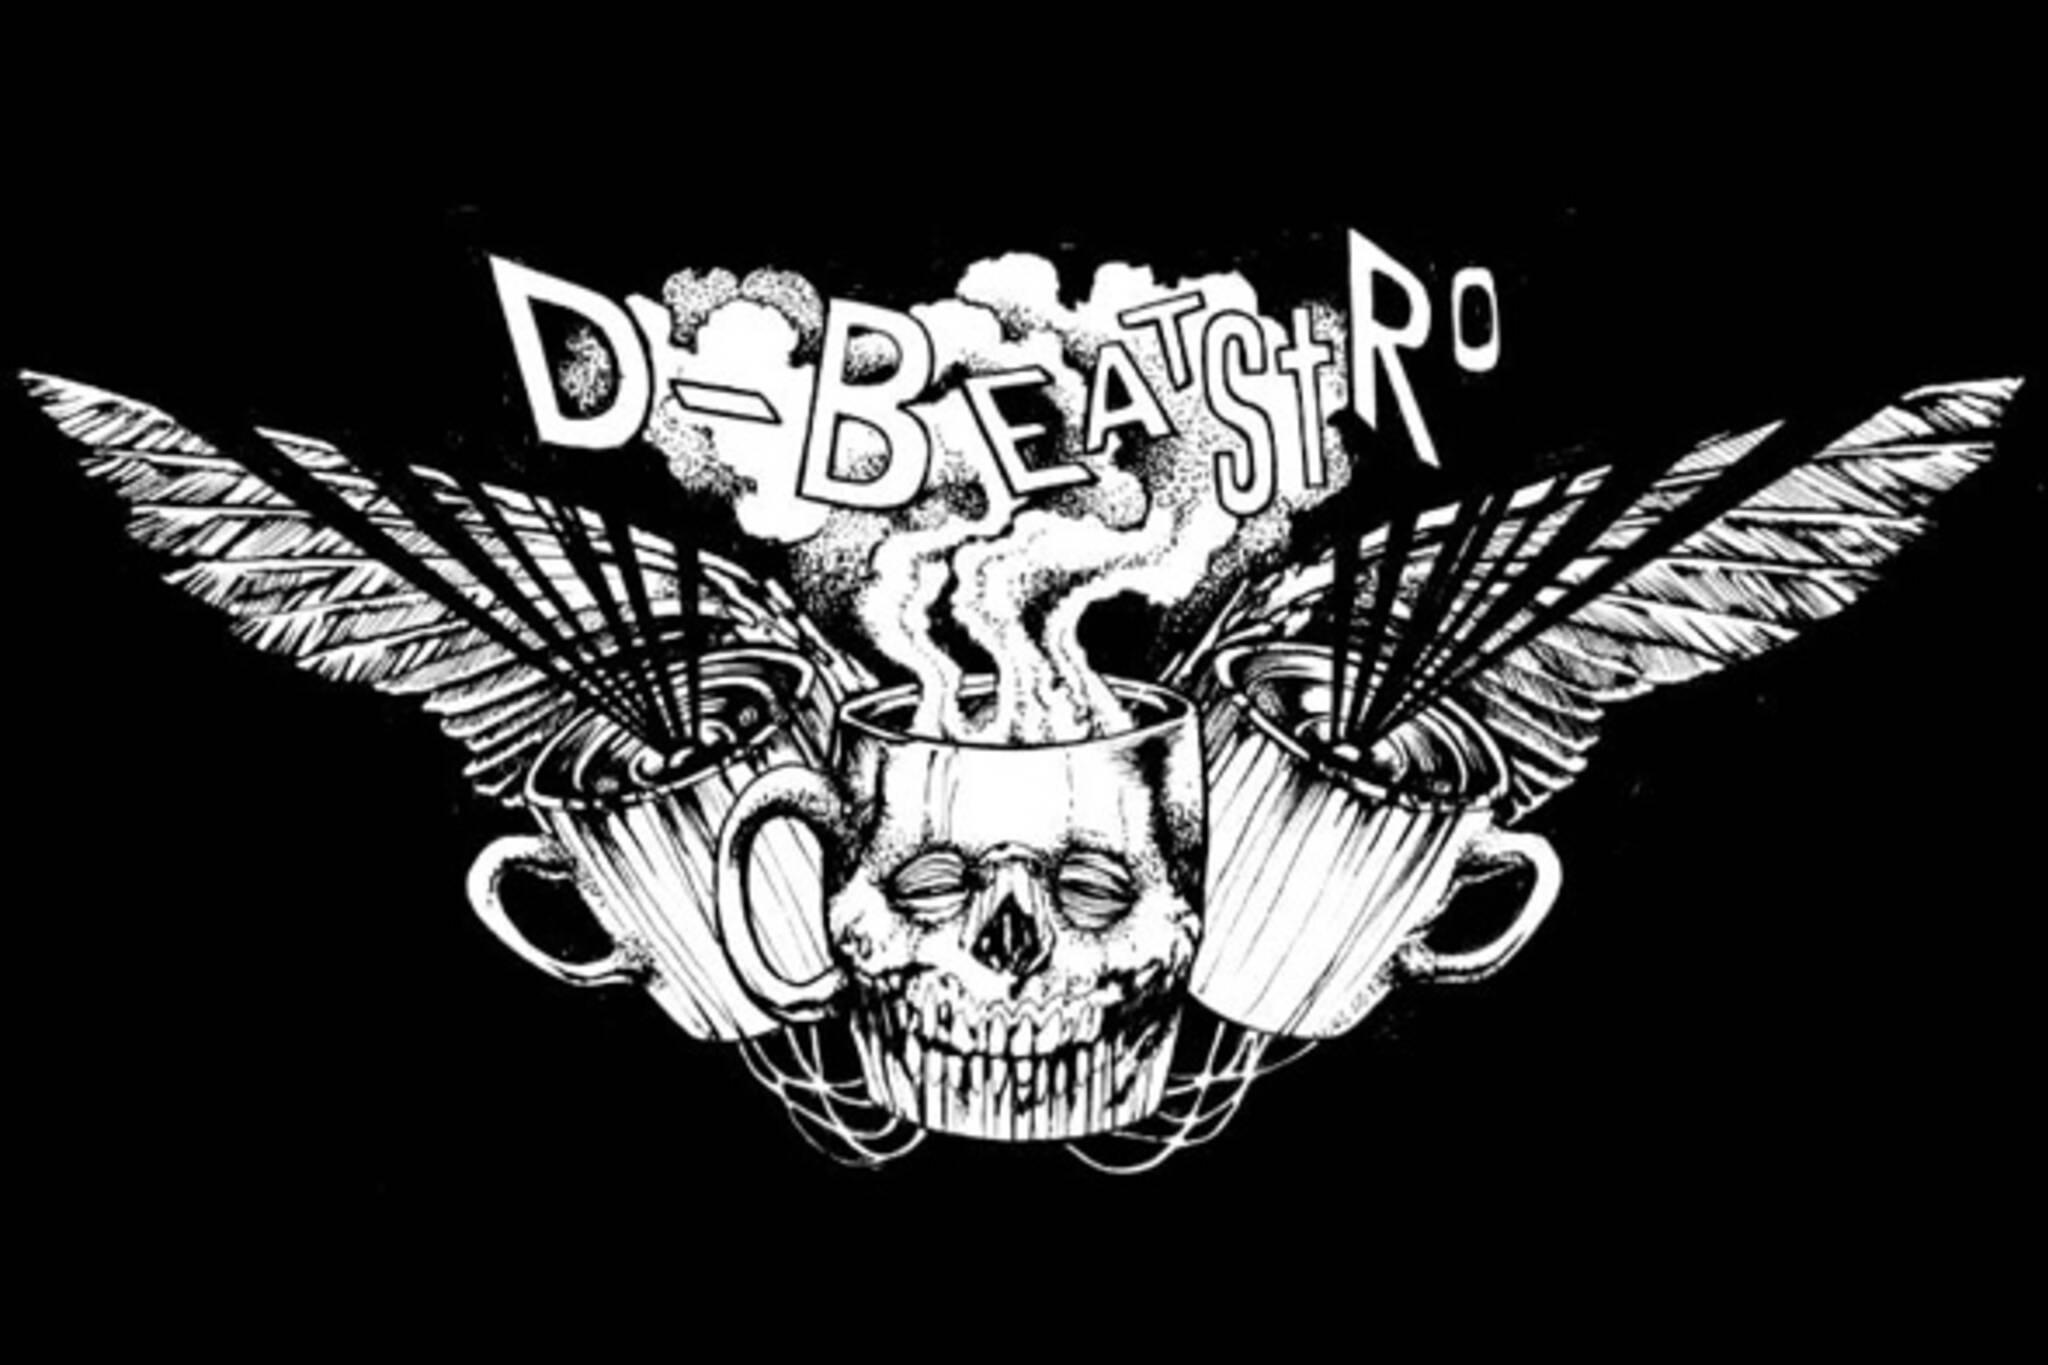 dbeastro